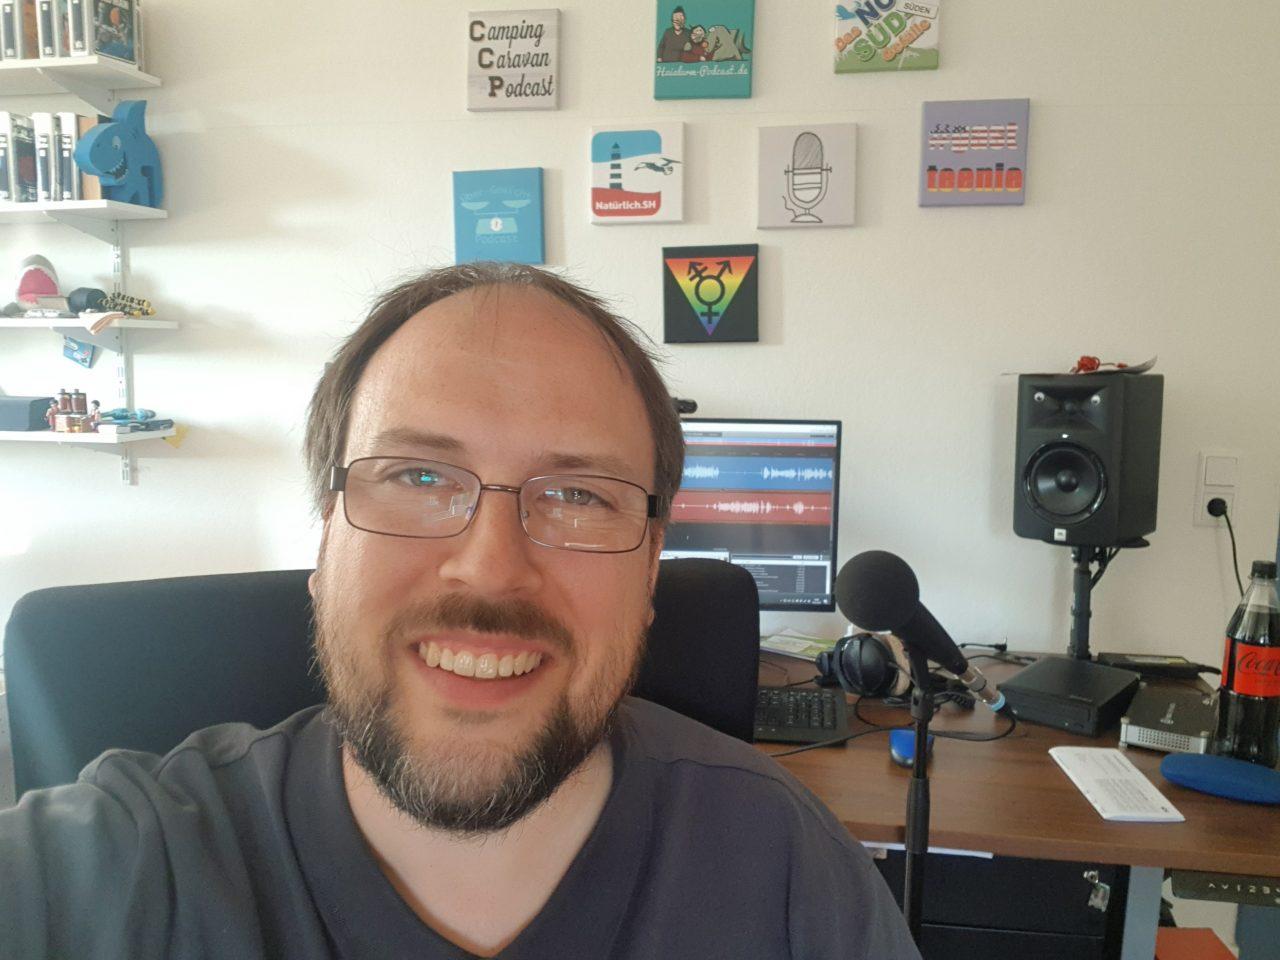 Jörn Schaar hat ein Selfie an seinem Schreibtisch gemacht. Im Hintergrund sieht man einen Computer, Mikrofon und Bilder an der Wand.